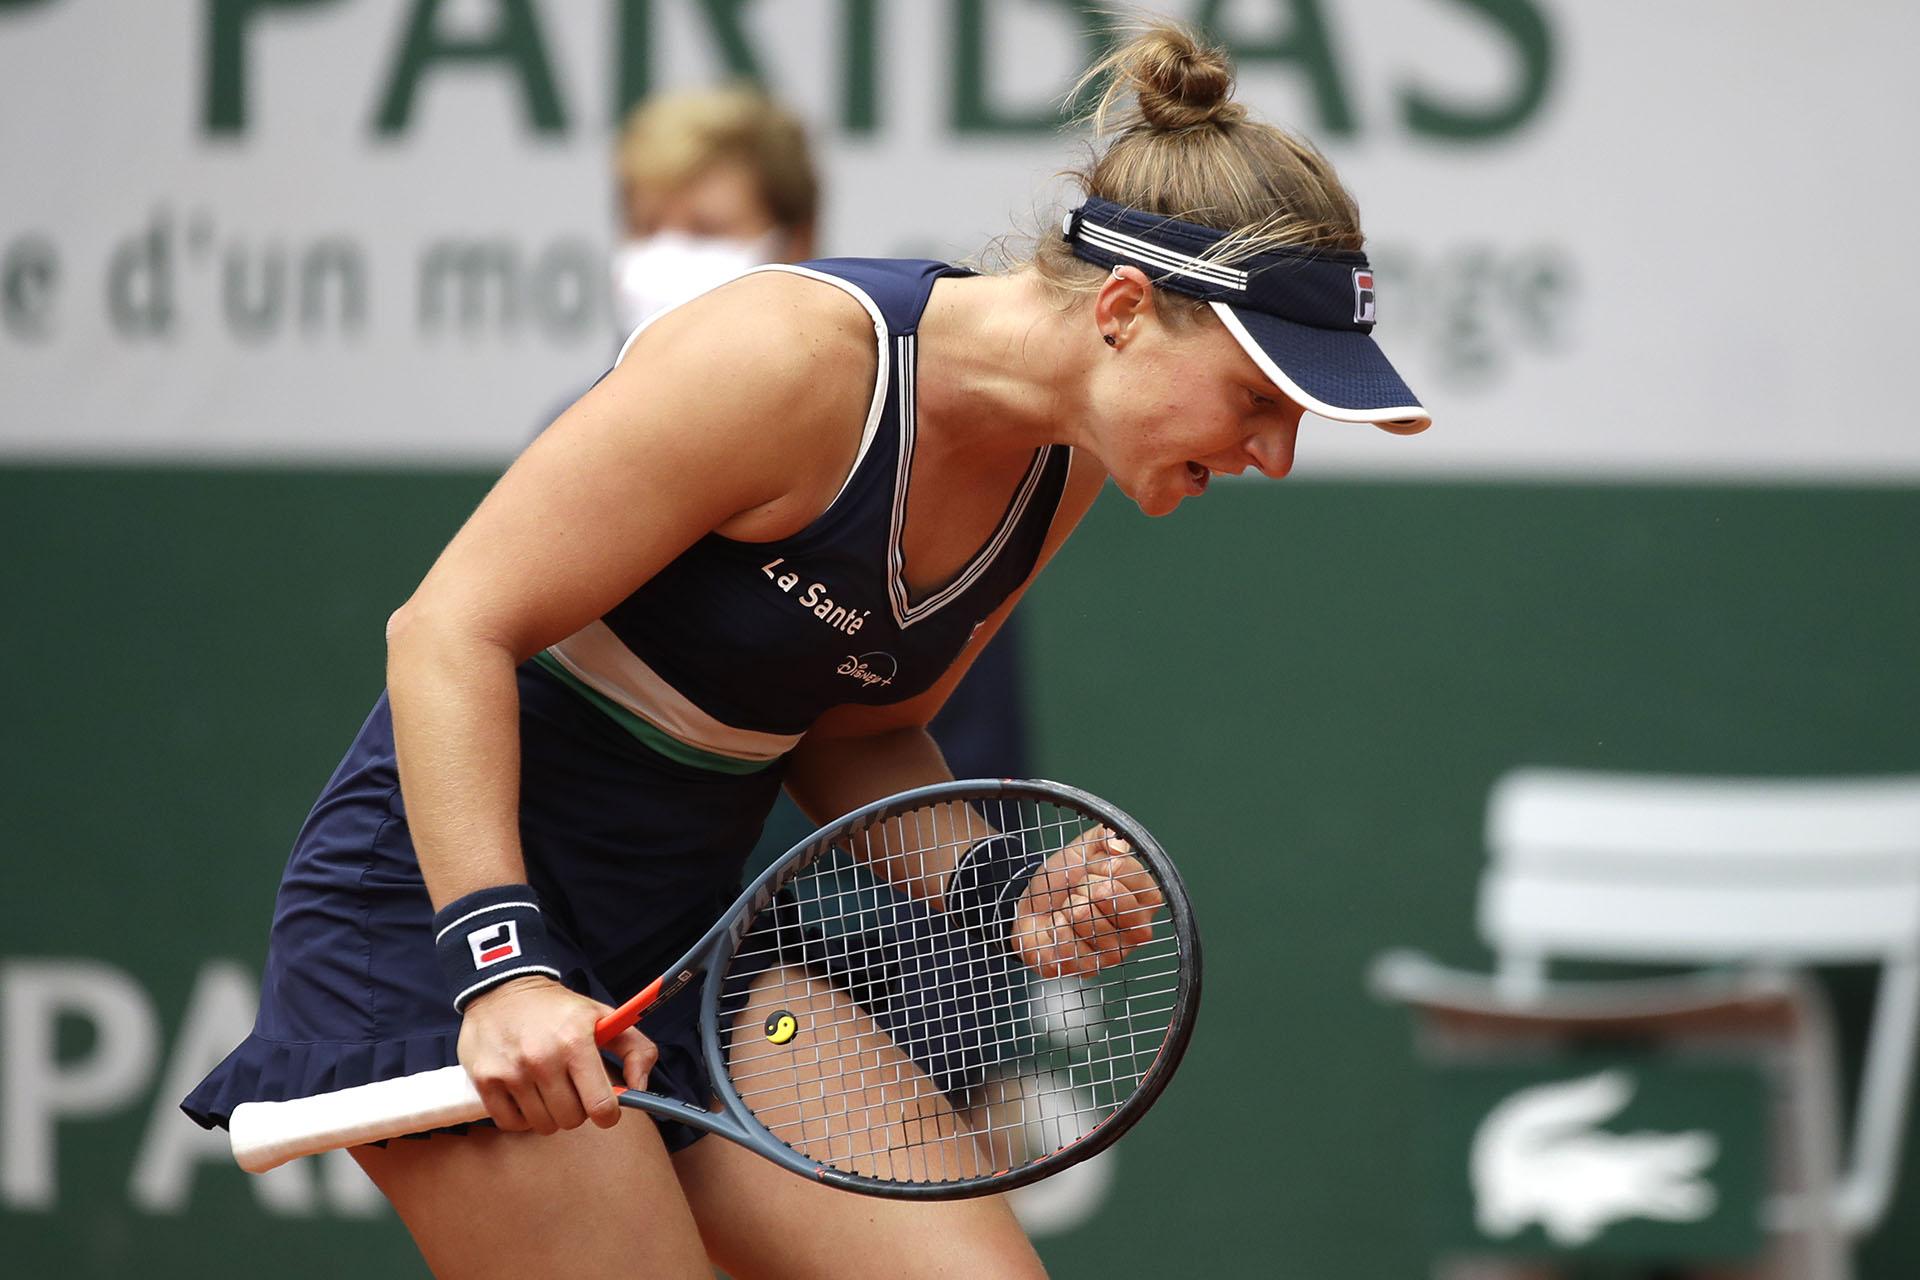 Puño apretado para Nadia y así festejar que está entre las mejores cuatro del Grand Slam en París (AP Photo/Alessandra Tarantino)